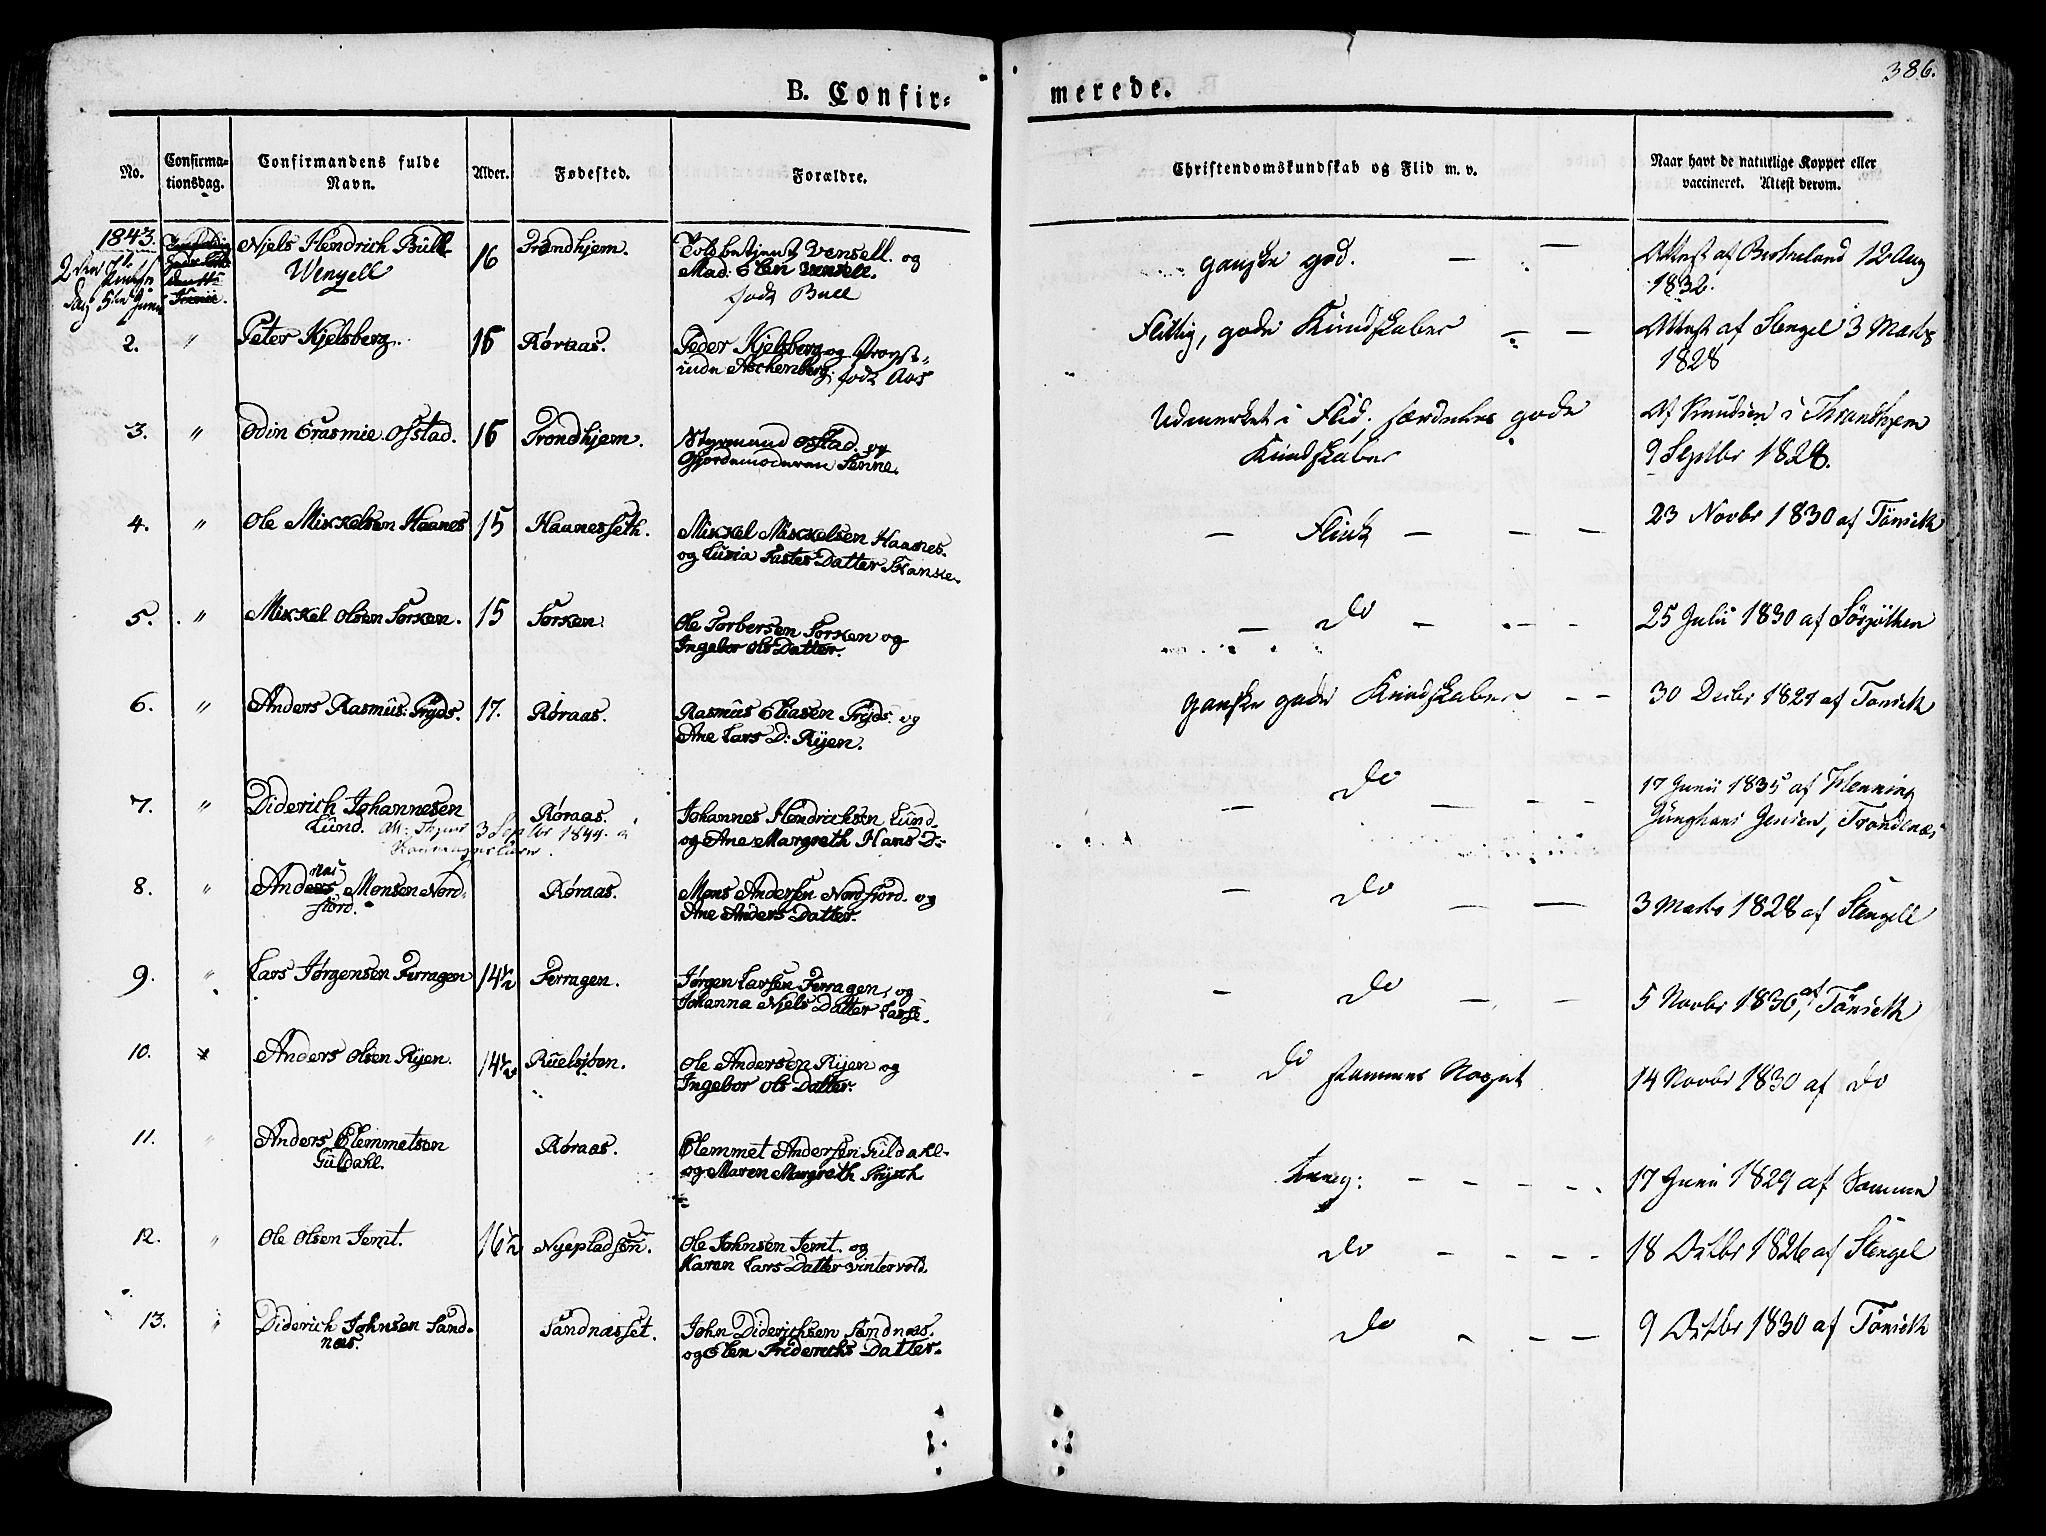 SAT, Ministerialprotokoller, klokkerbøker og fødselsregistre - Sør-Trøndelag, 681/L0930: Ministerialbok nr. 681A08, 1829-1844, s. 386